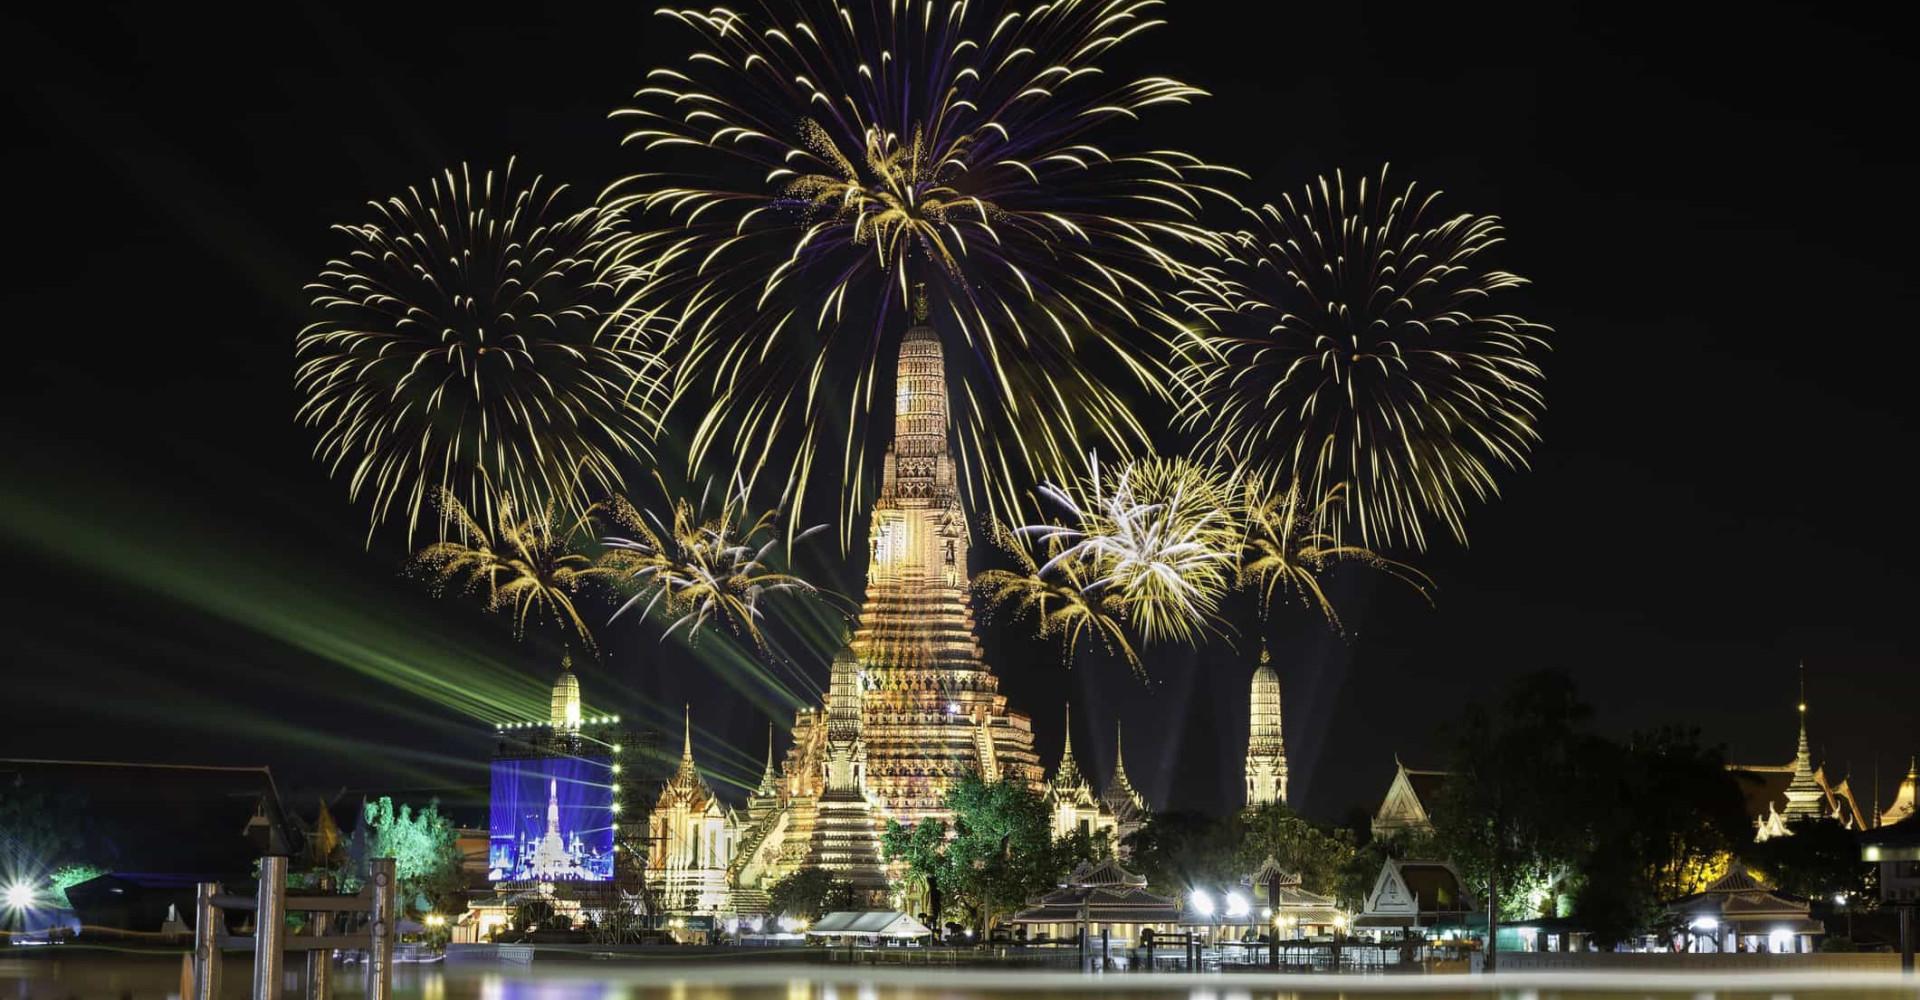 Capodanno nel mondo: un viaggio alla scoperta delle tradizioni